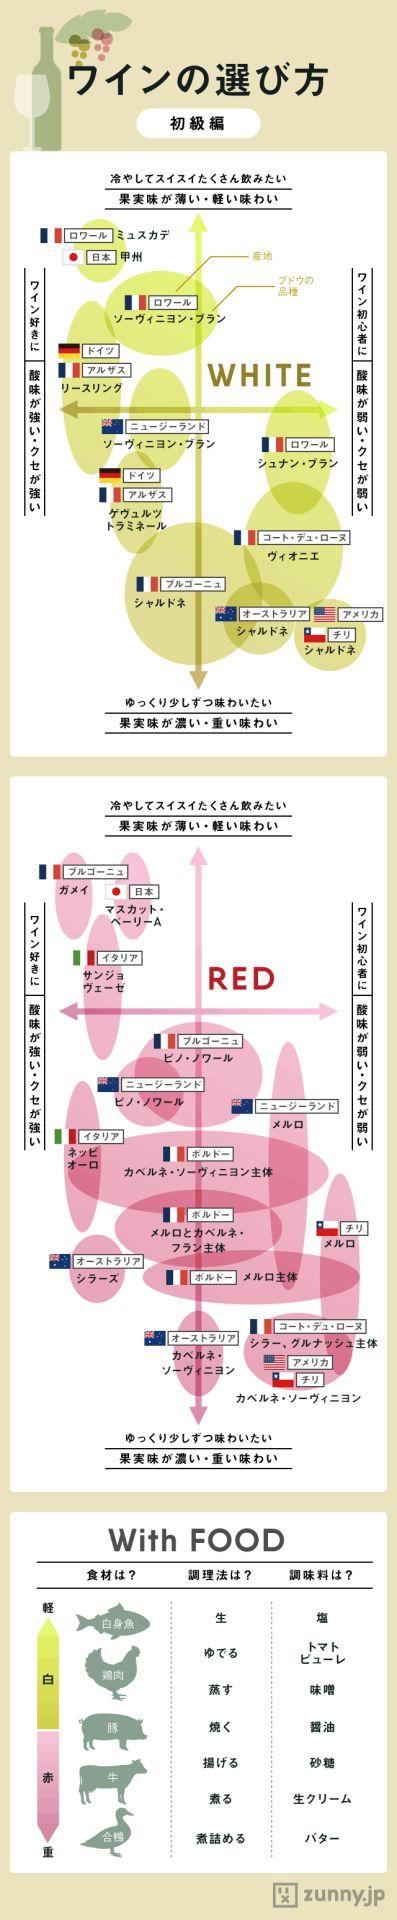 #図解 #ワイン #お役立ち (Via: 飲みやすいのは? デート仕様・ワインの選び方目安 ) こういう図解は解りやすくてよいですね。